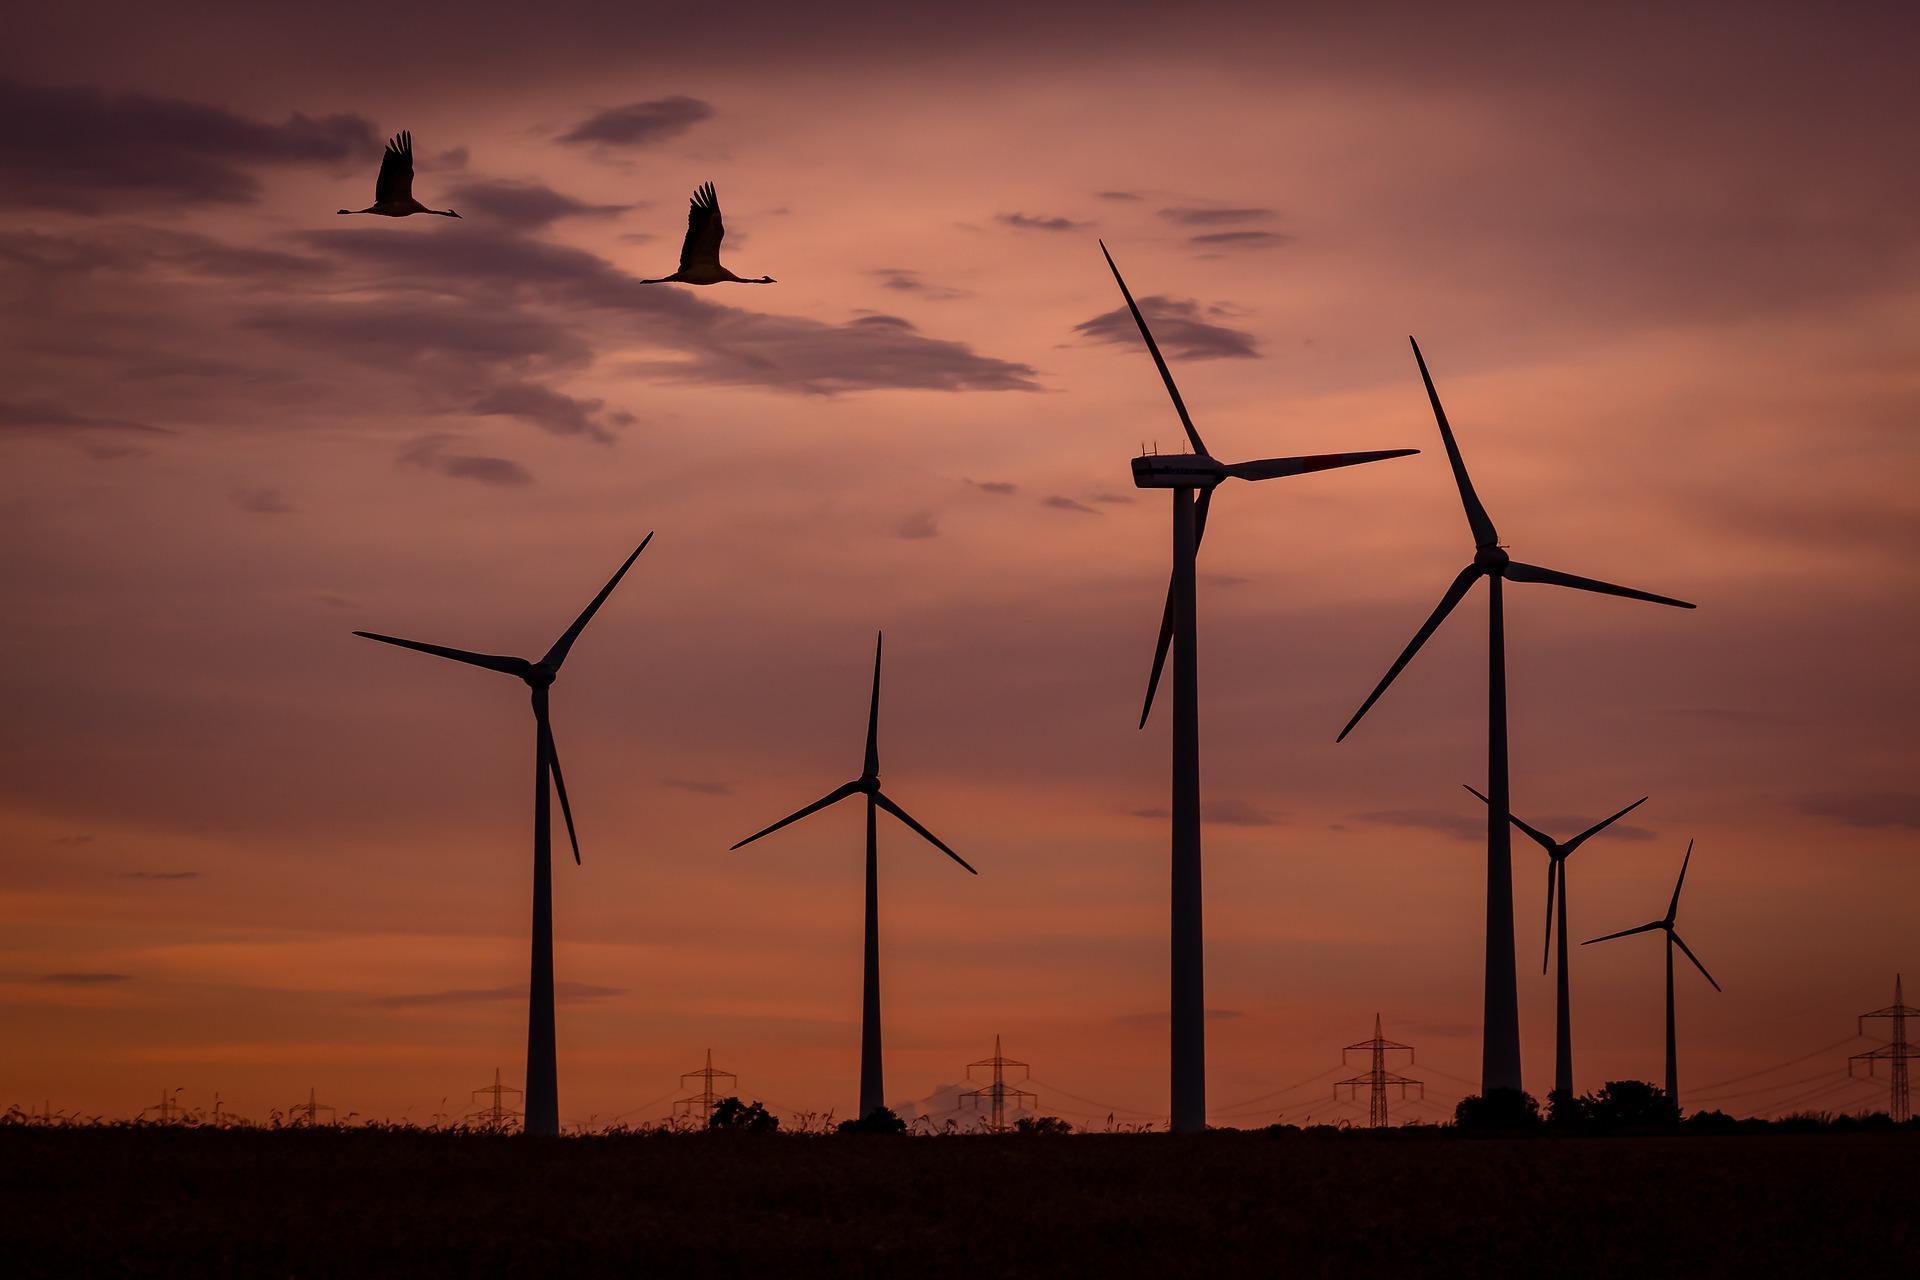 Windkraftanlagen beim Sonnenuntergang